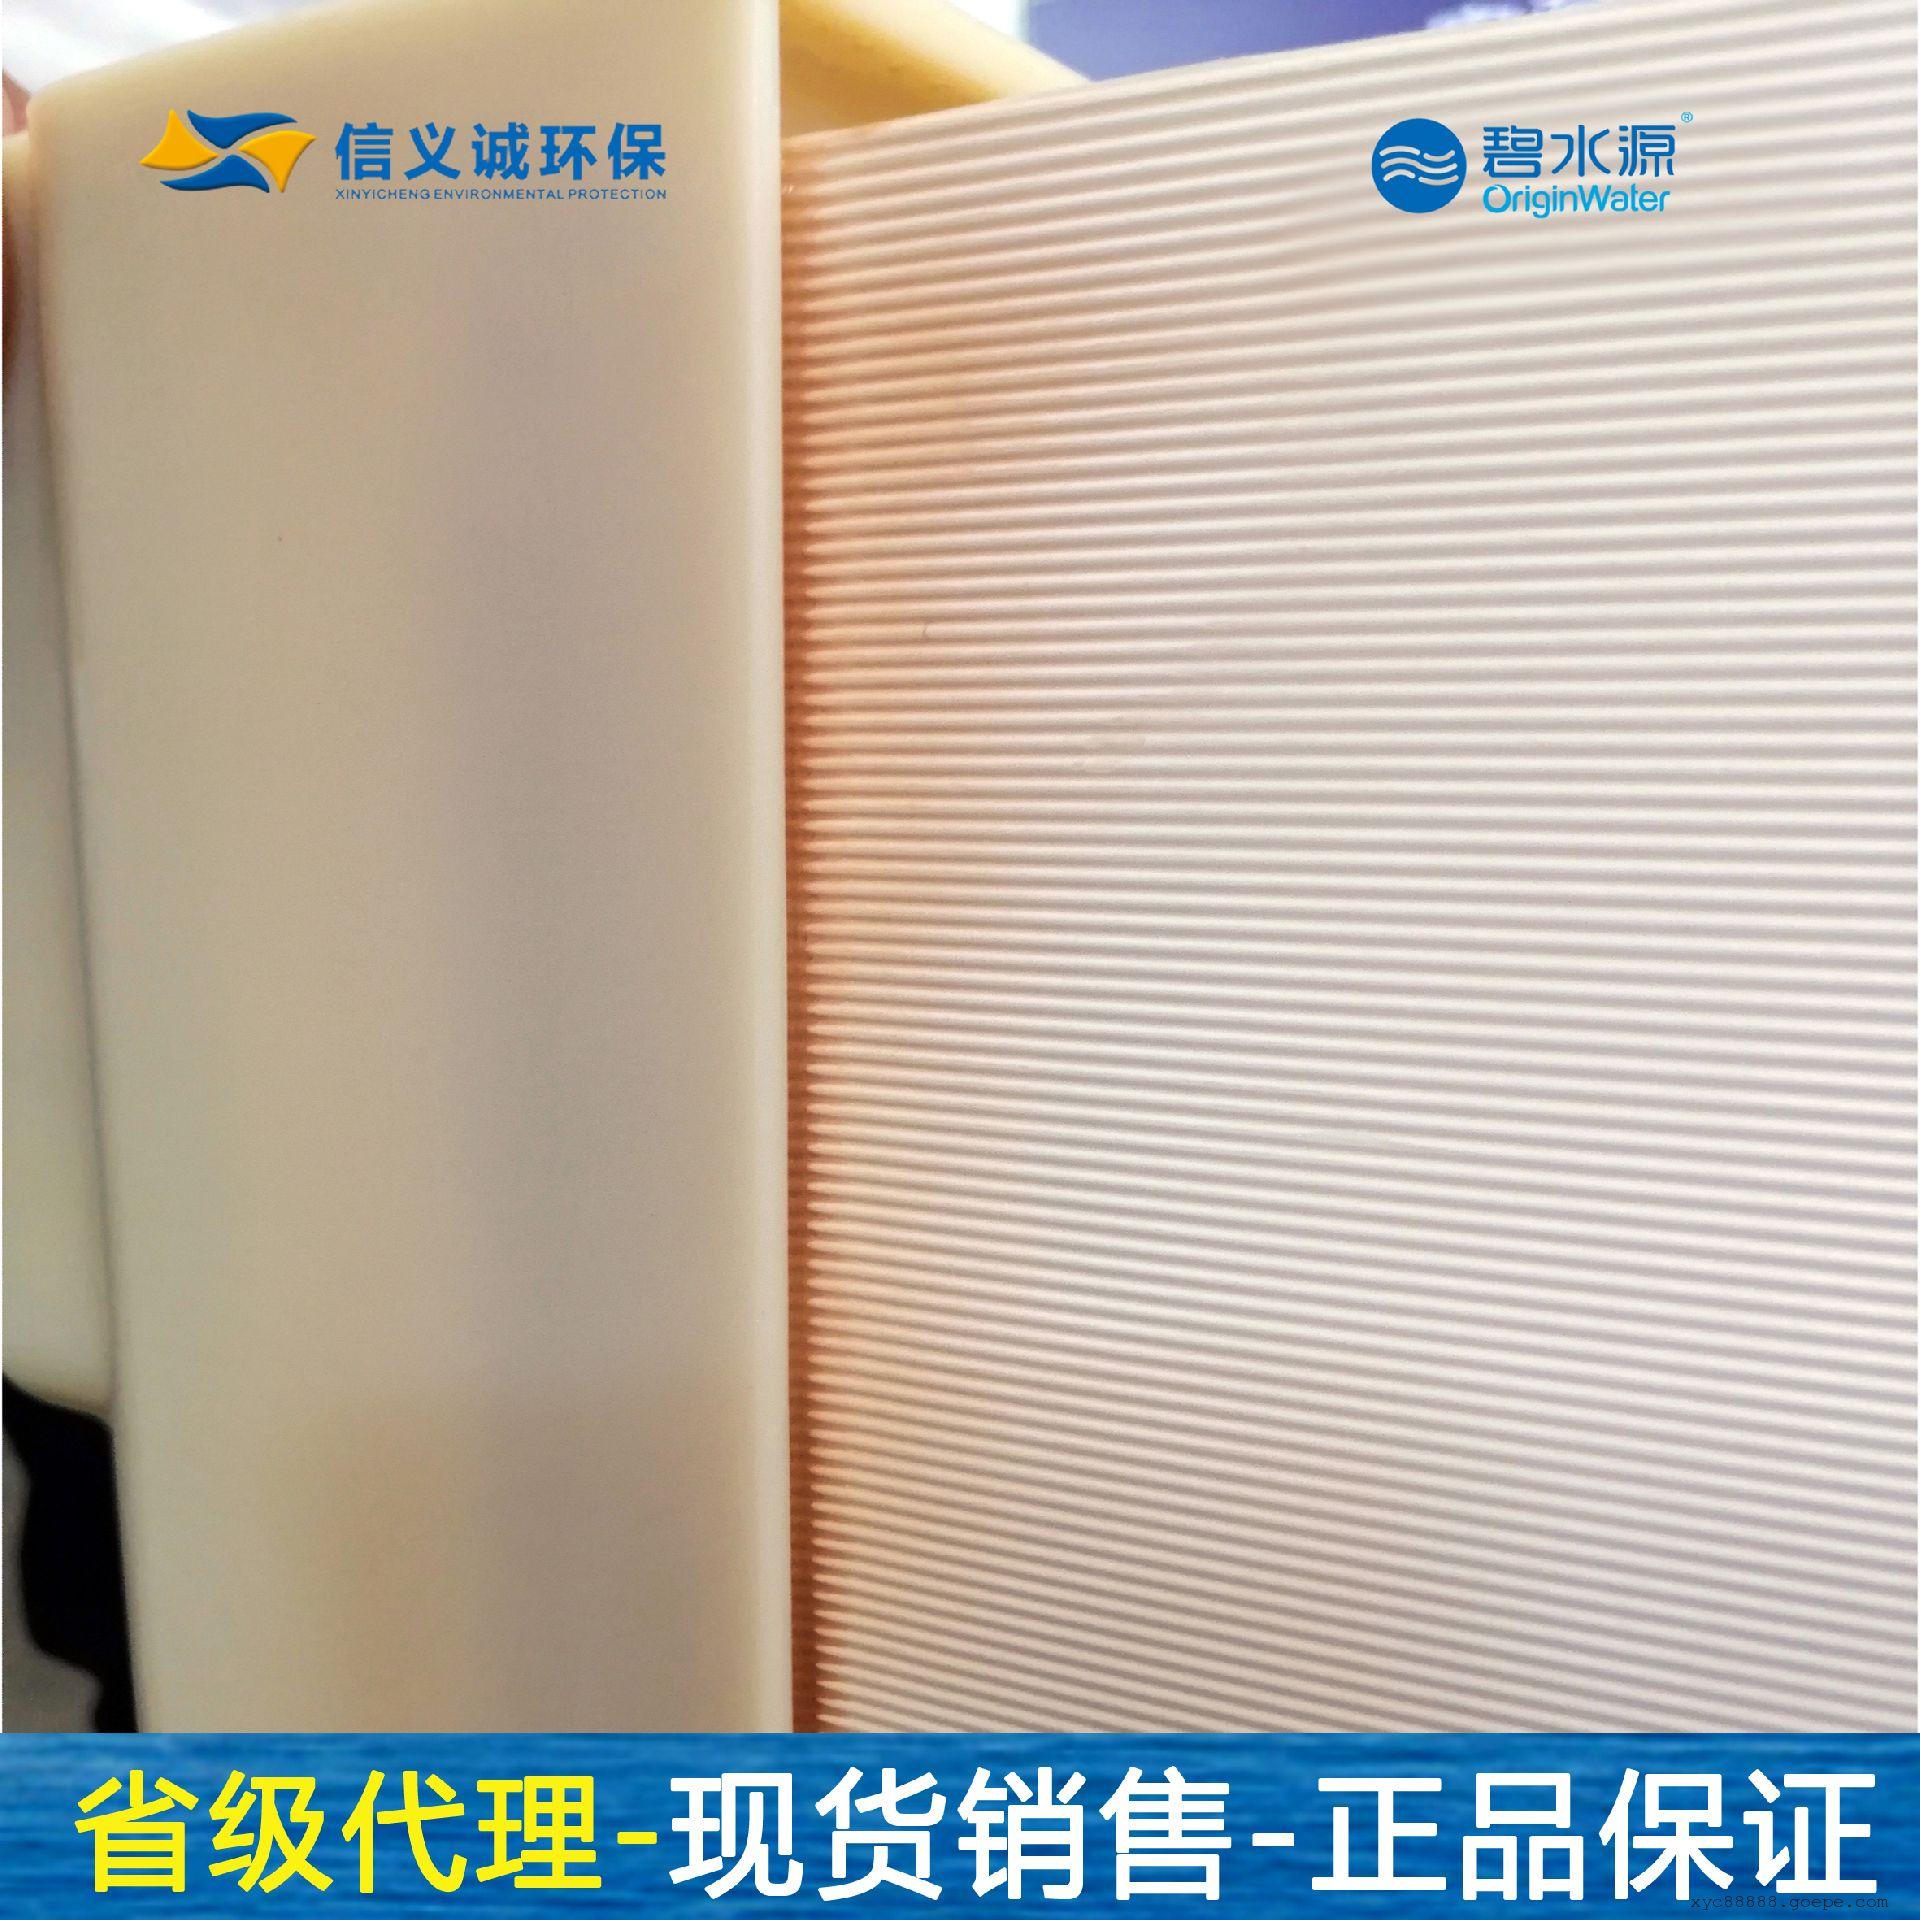 碧水源弦纹MBR平板膜整合了中空纤维帘式膜和传统膜的双重优势CM-I-6